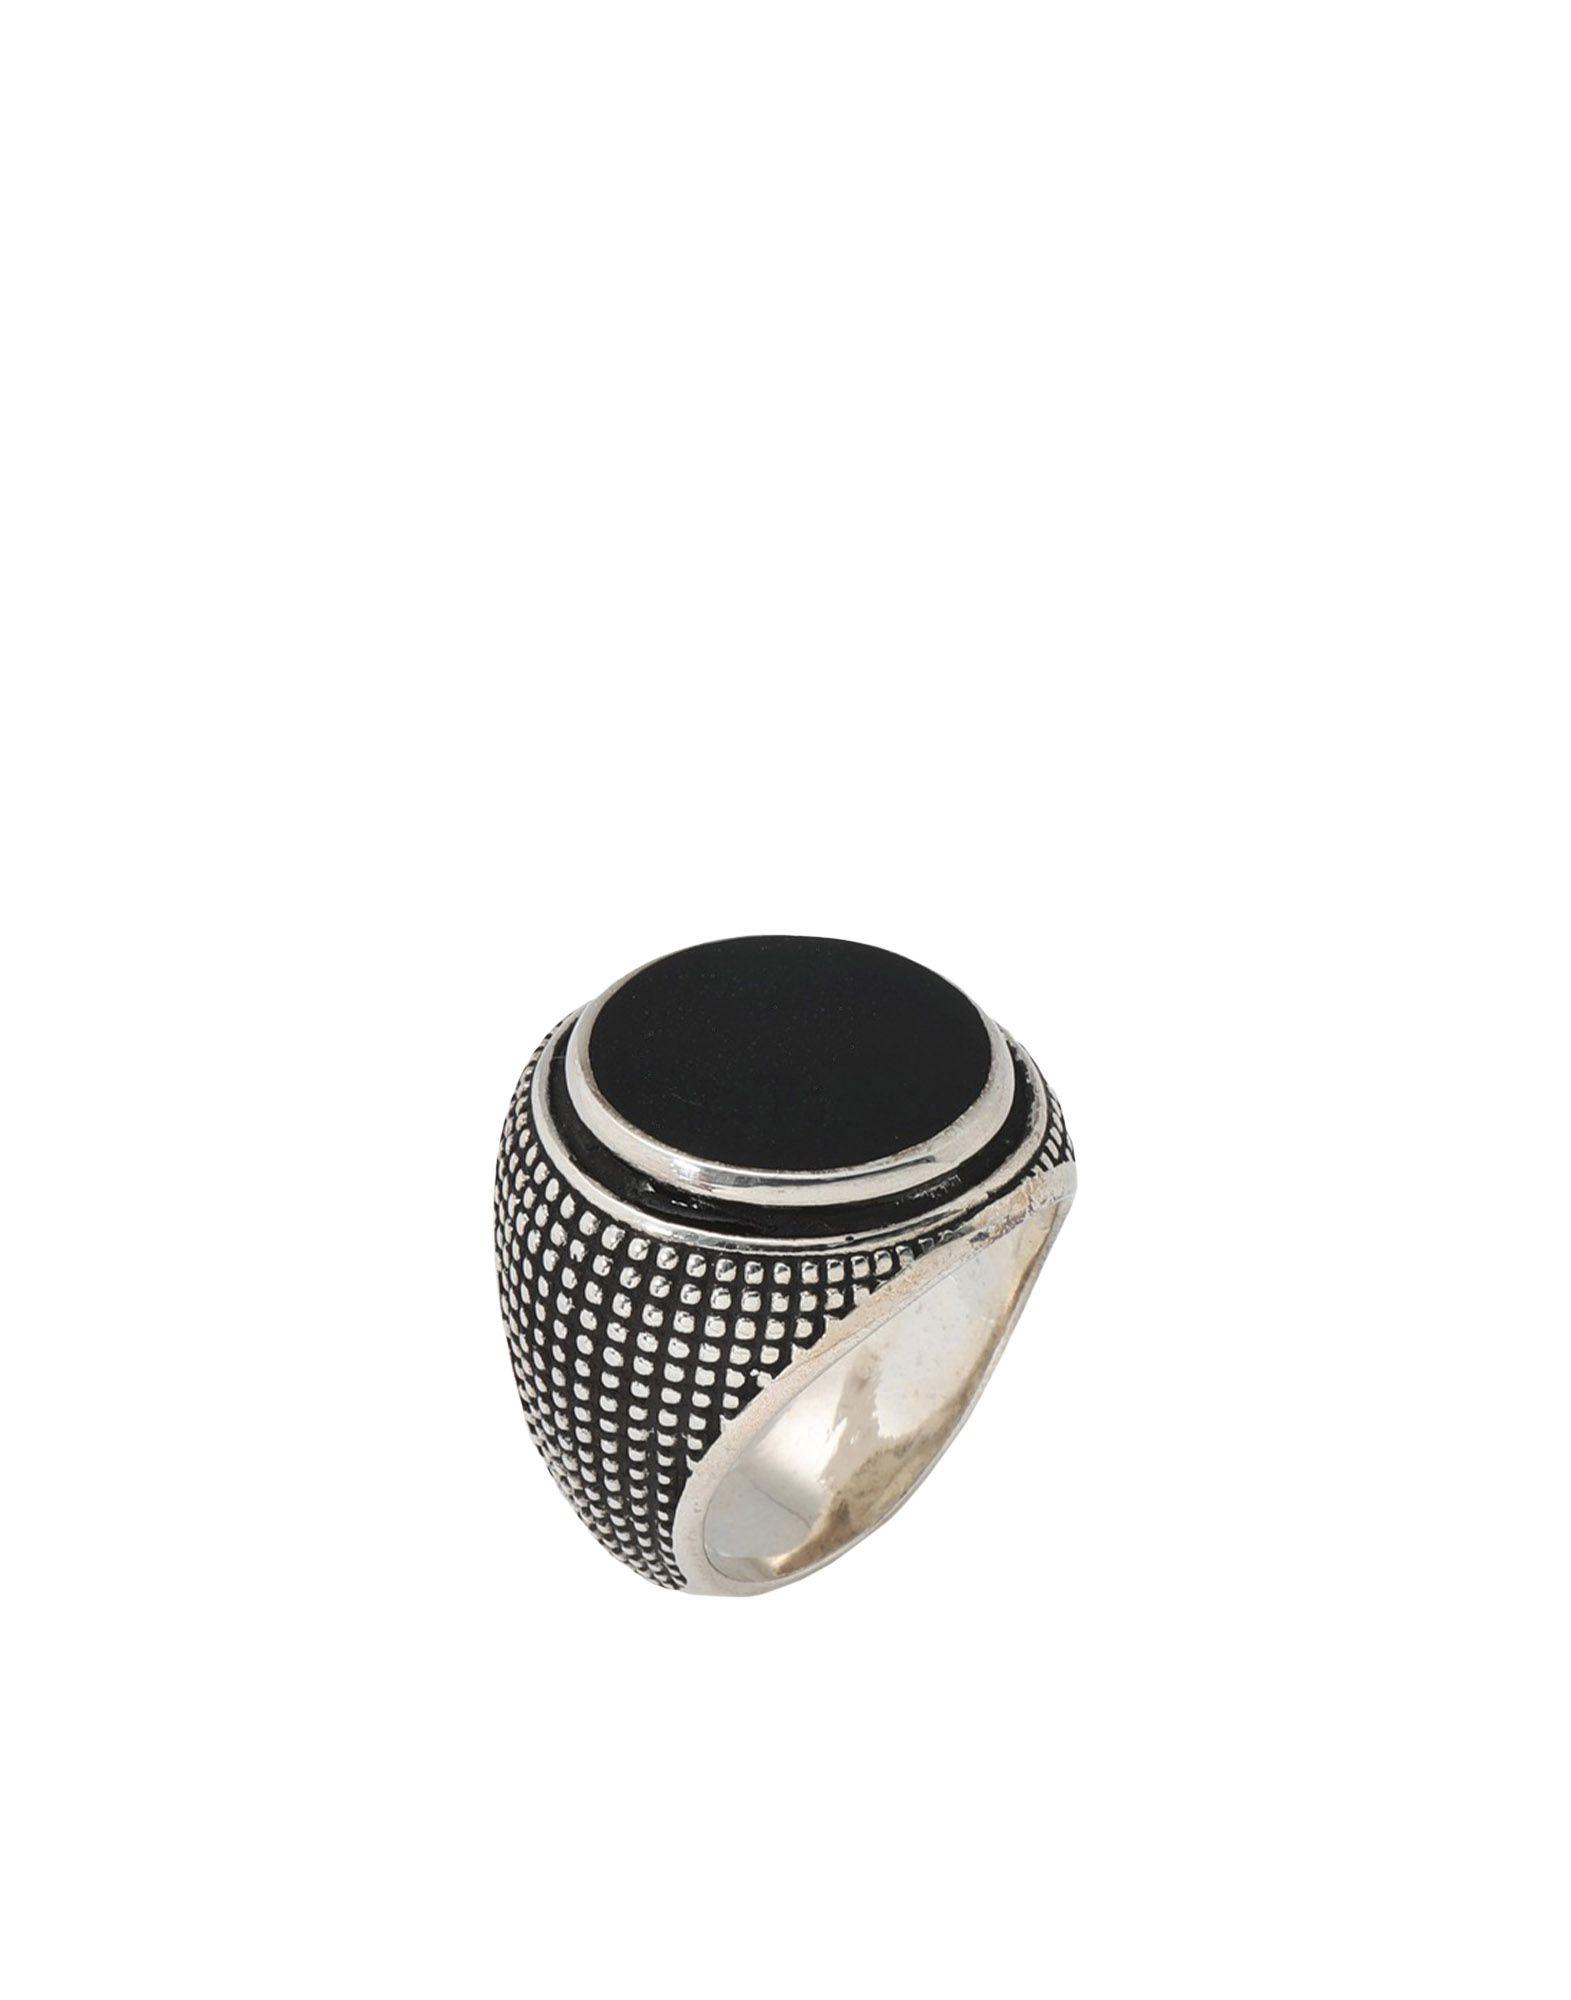 《セール開催中》ANDREA D'AMICO メンズ 指輪 ブラック 22 シルバー925/1000 100%